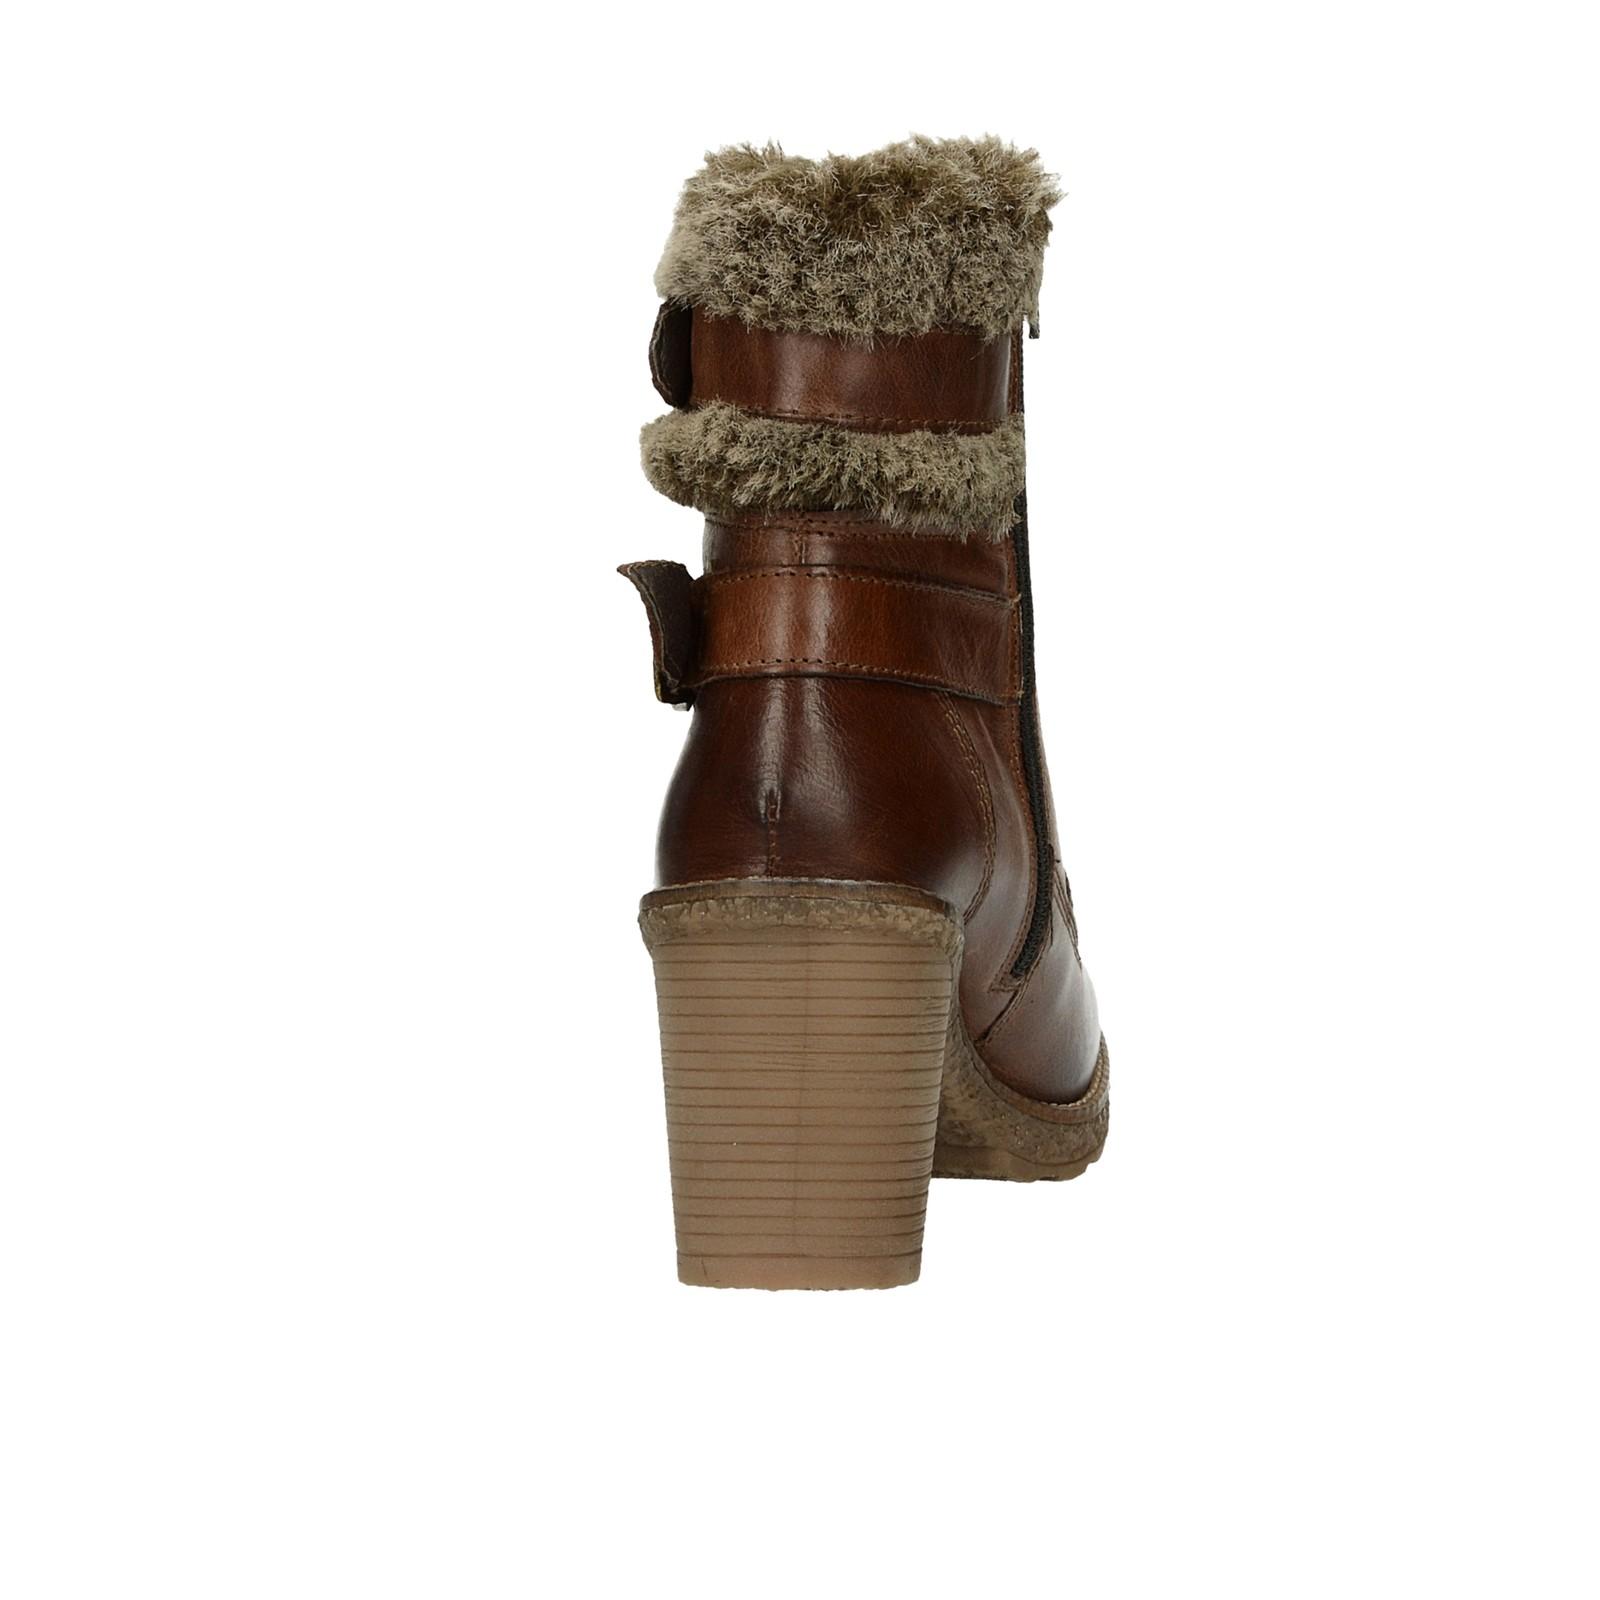 bf66ba6260 ... Klondike dámské kožené kotníkové boty - hnědé ...